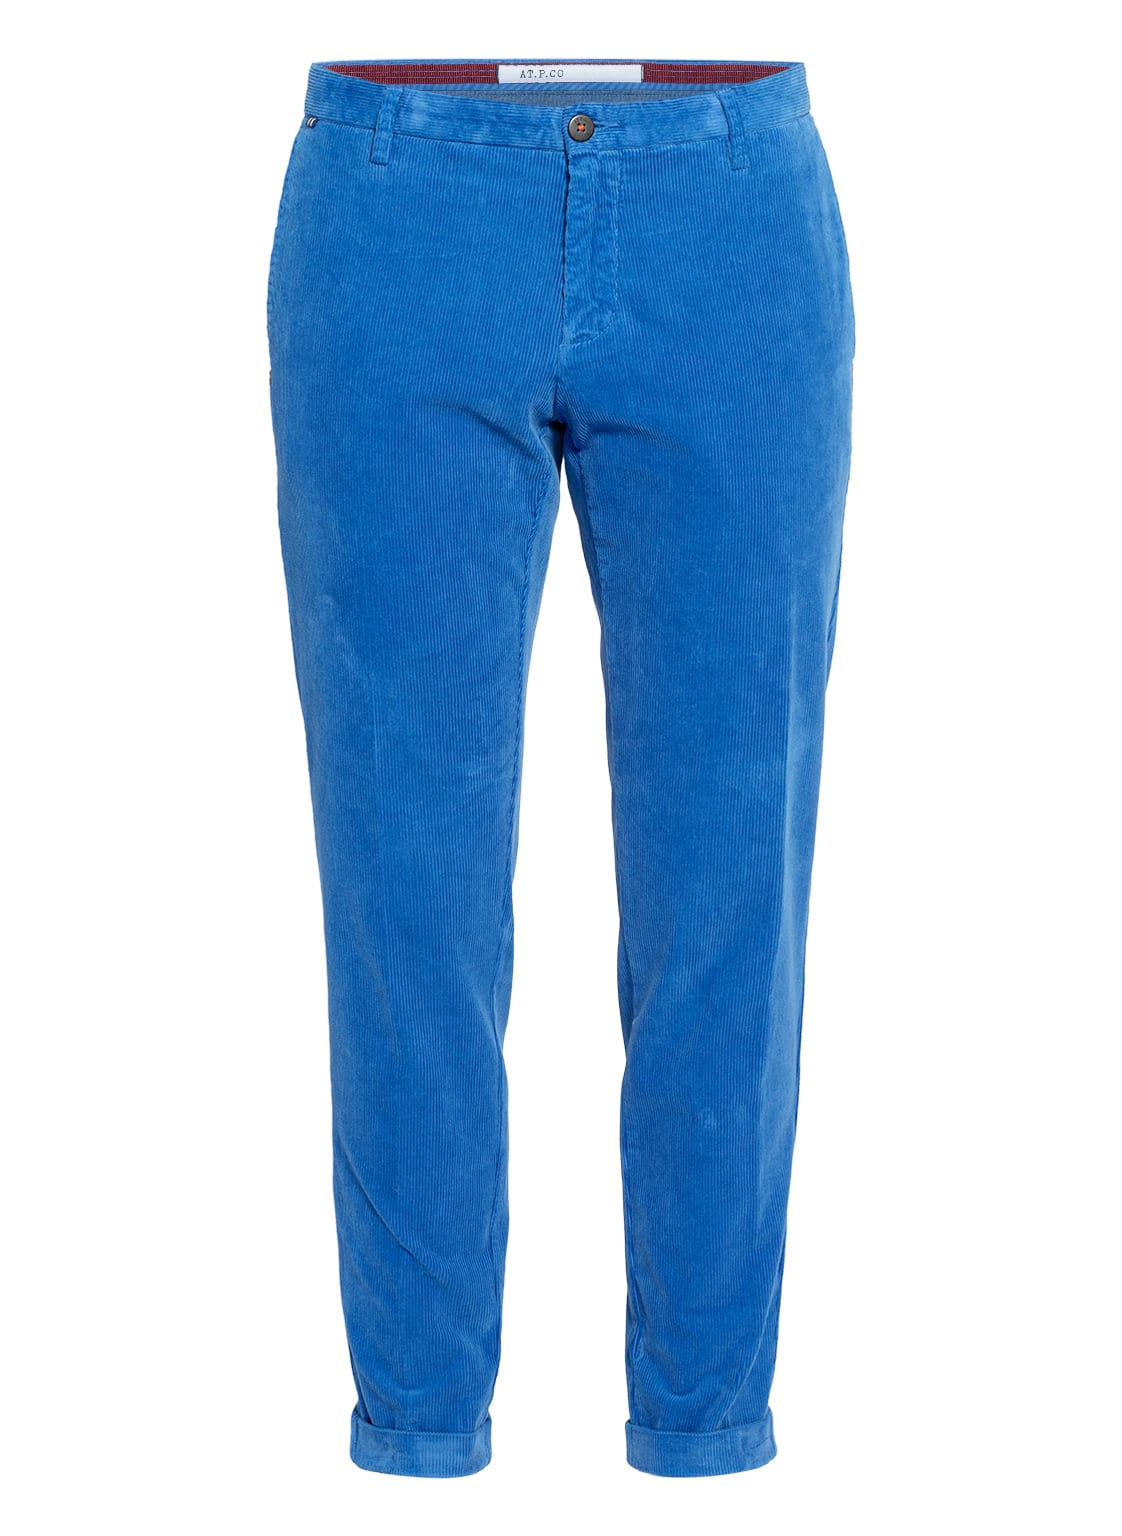 Image of At.P.Co Cordhose Scott Extra Slim Fit blau